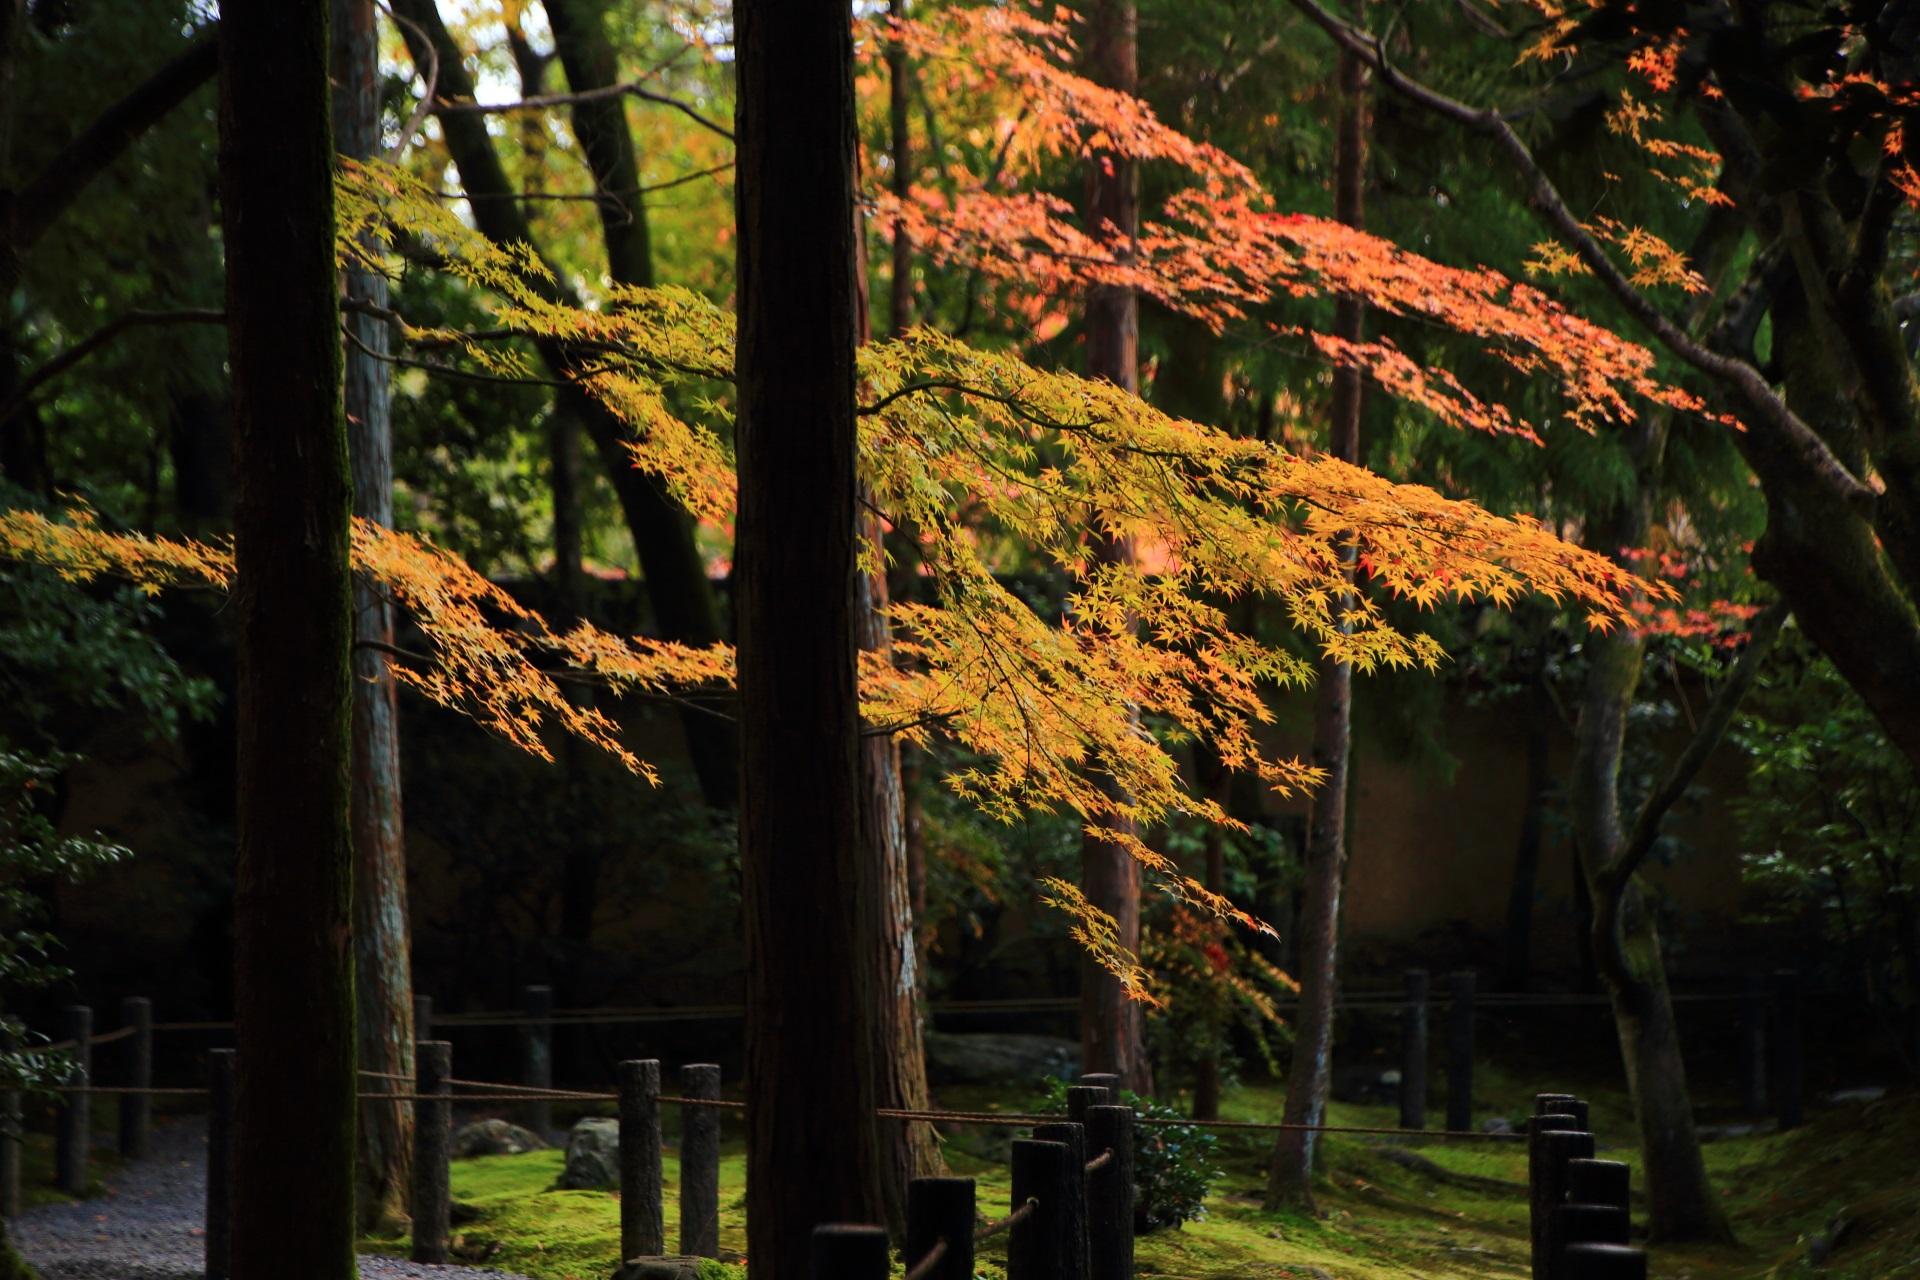 桂春院の木々の間で揺らめく華やかな秋色